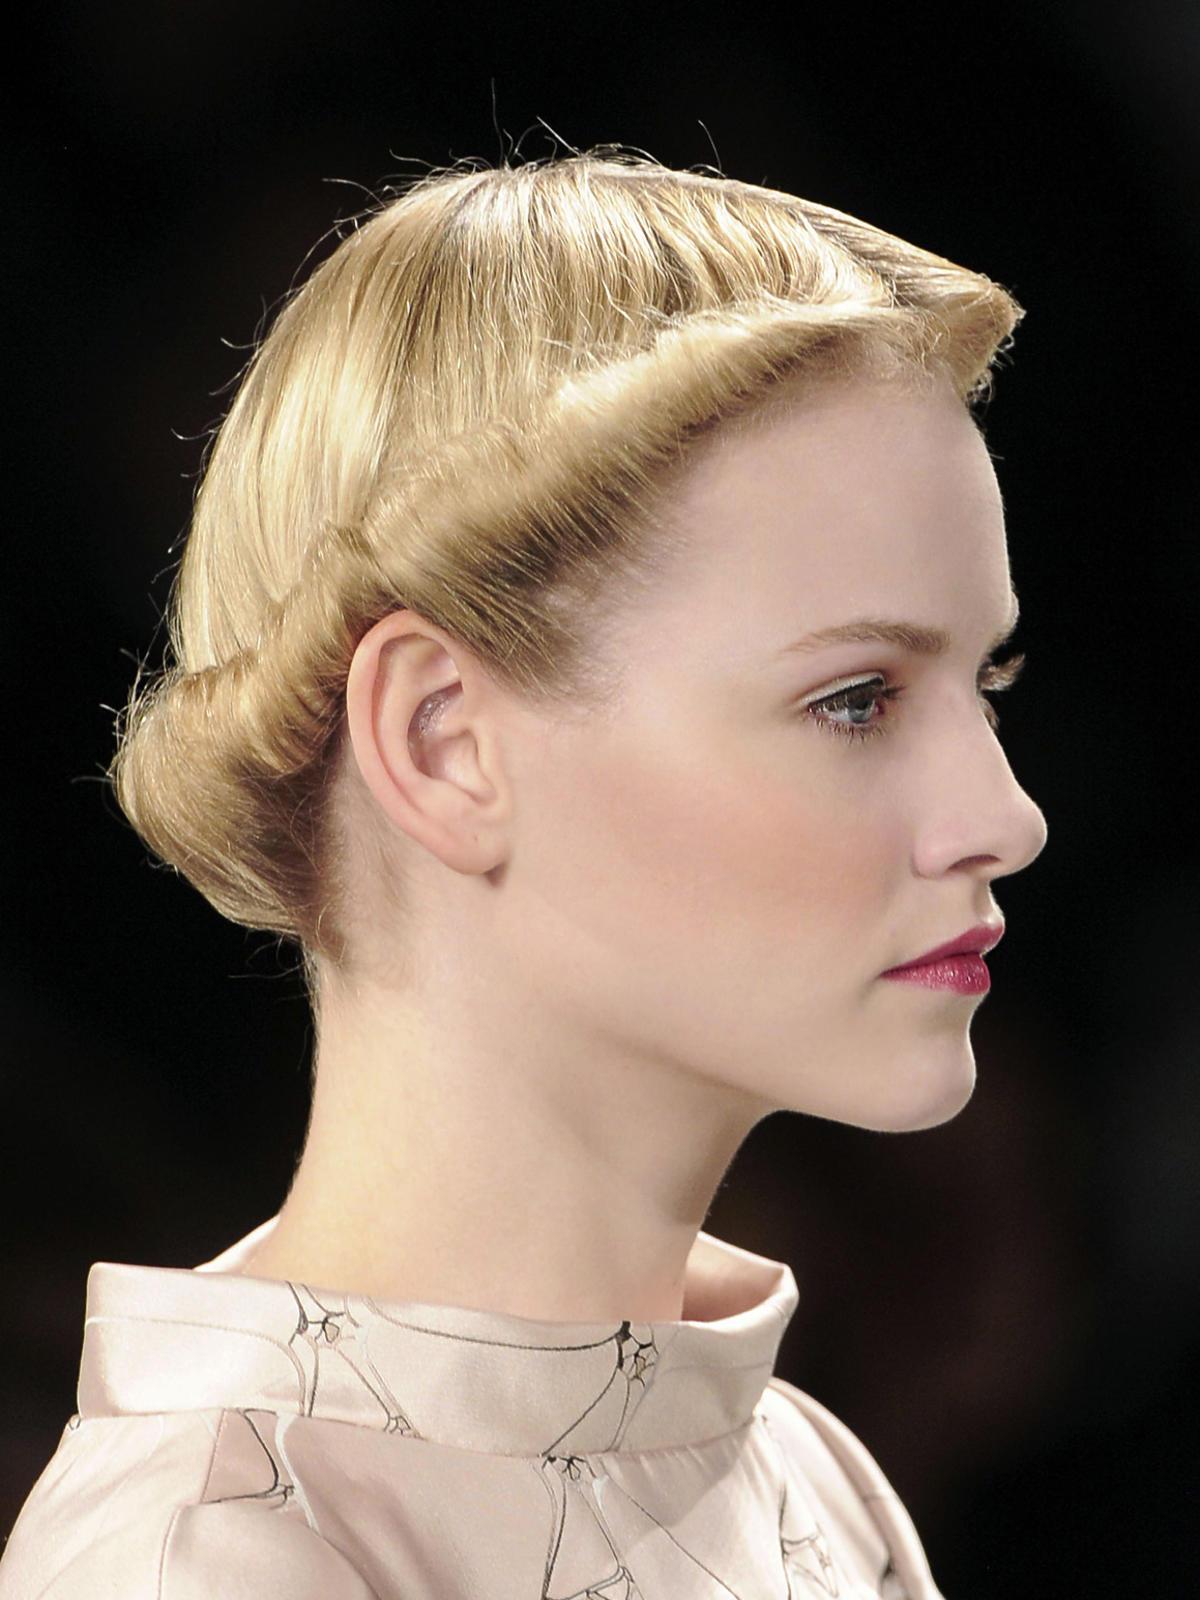 Retro fryzura Herrera, jesień 2013